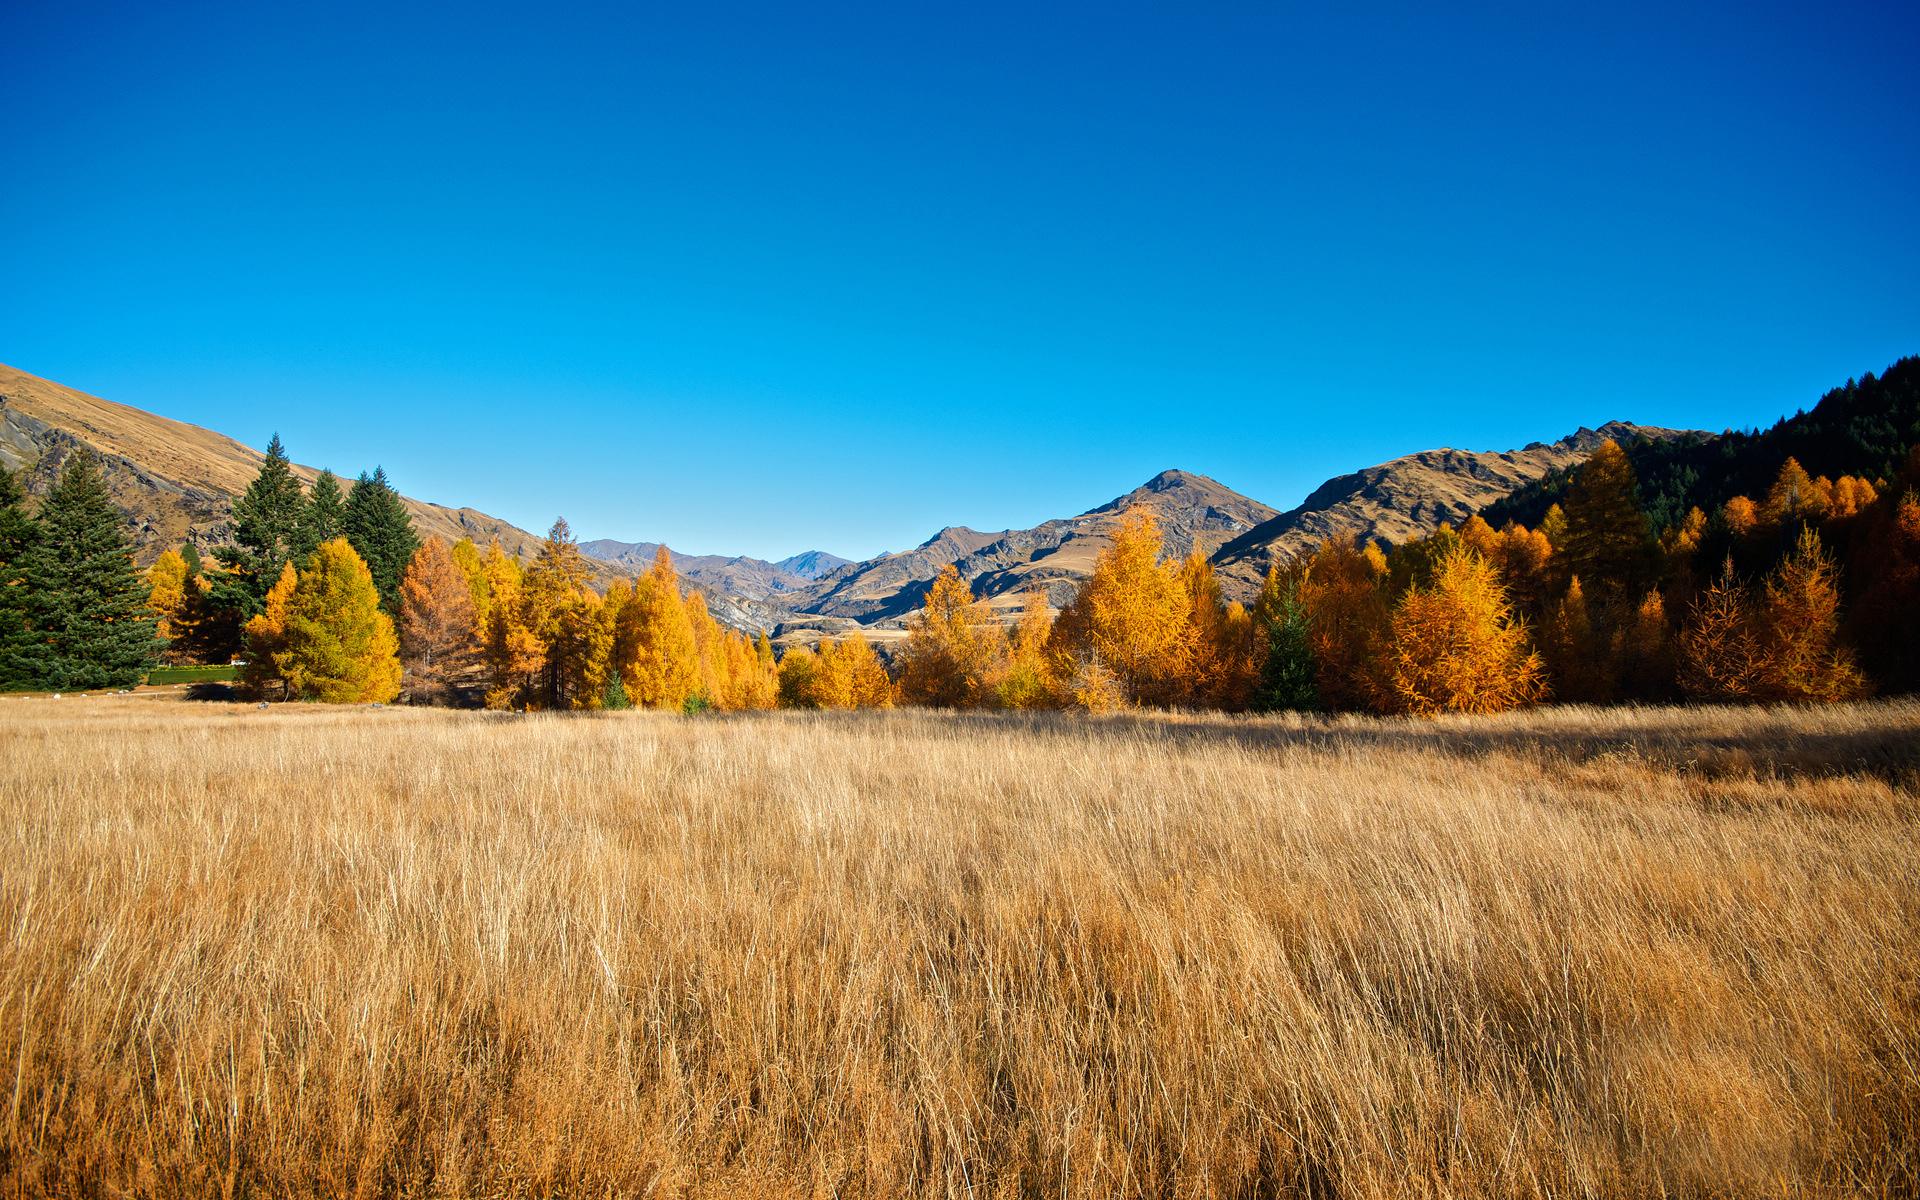 金色深秋风景桌面壁纸